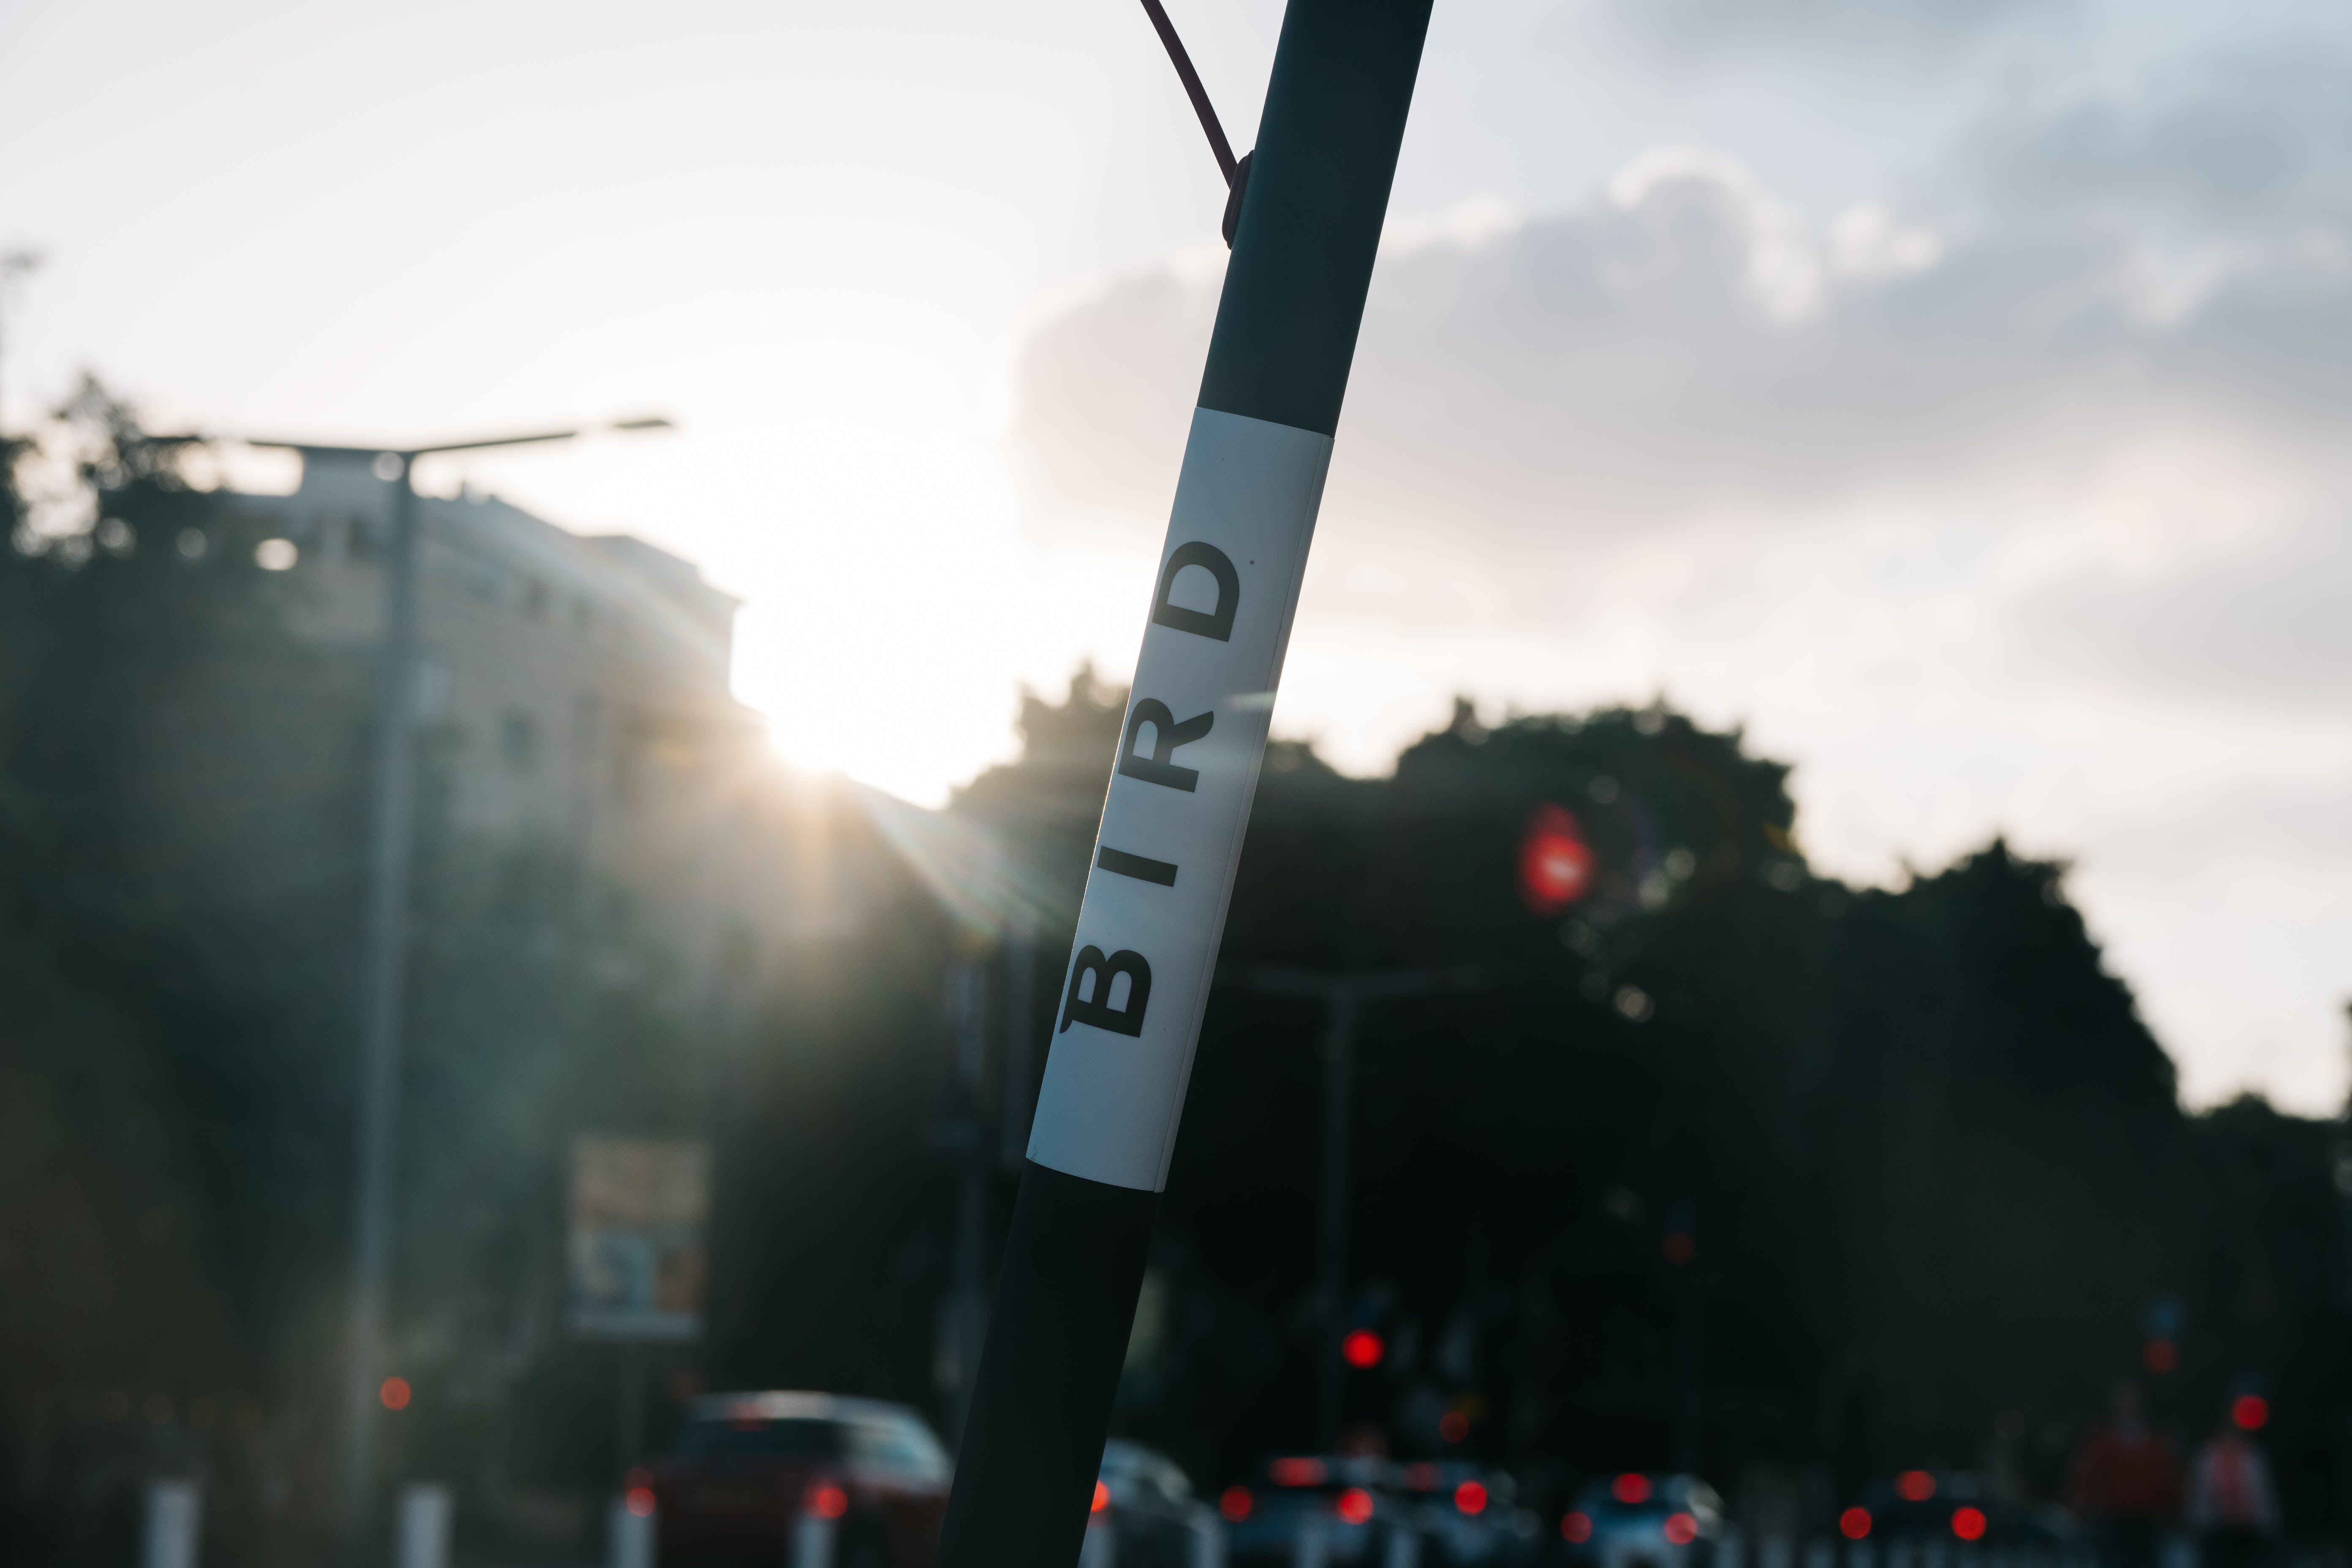 Foto d'estoc gratuïta de au, carrer, ciutat, e-scooter